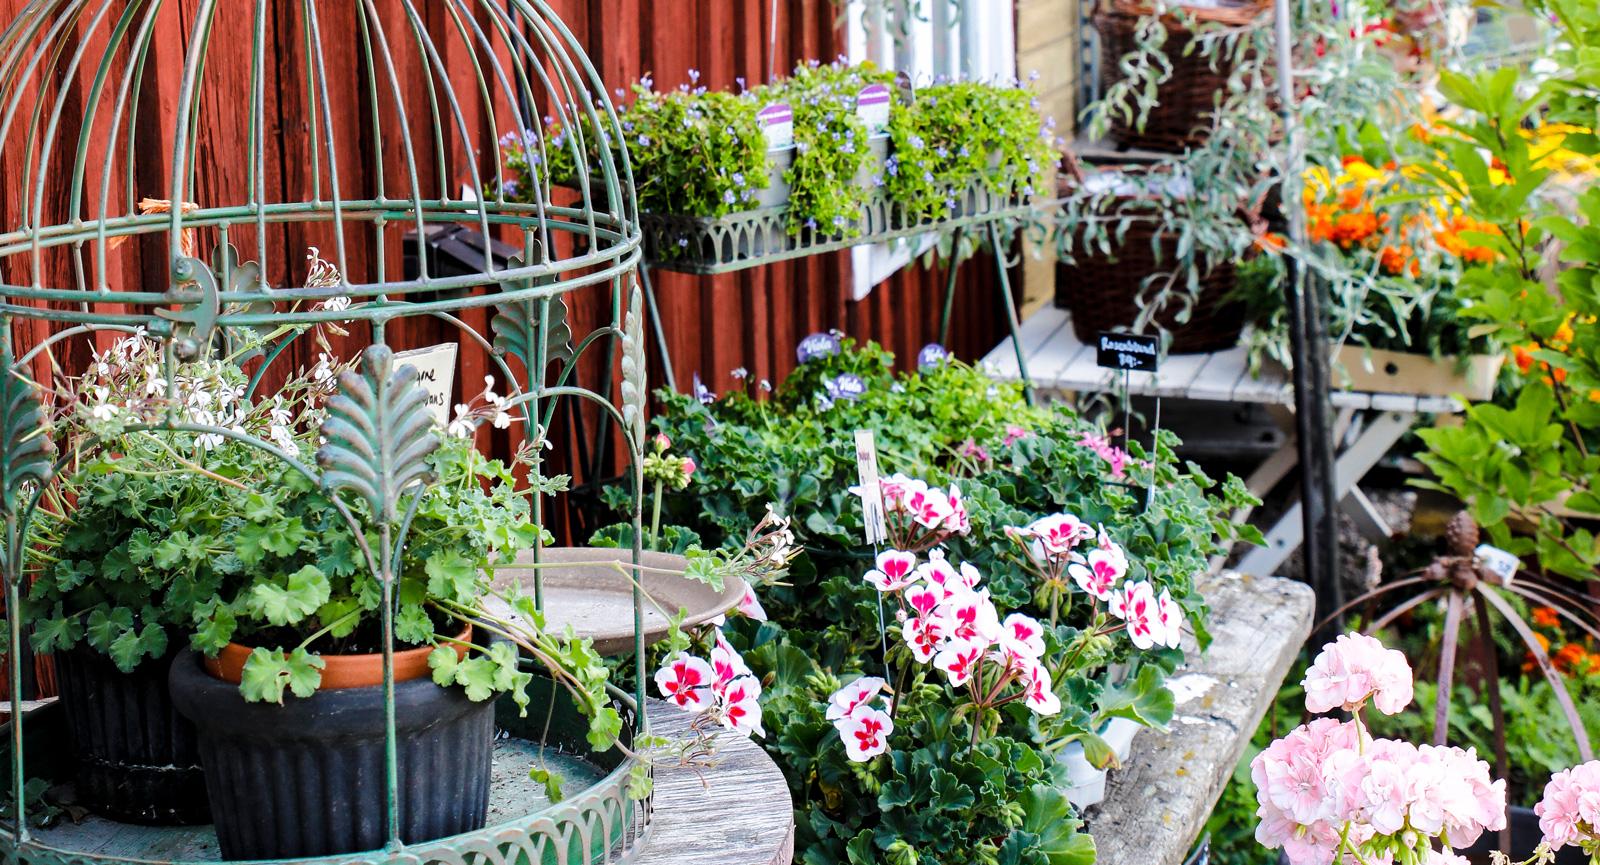 Smedjans trädgård är en grön oas där du kan köpa plantor.